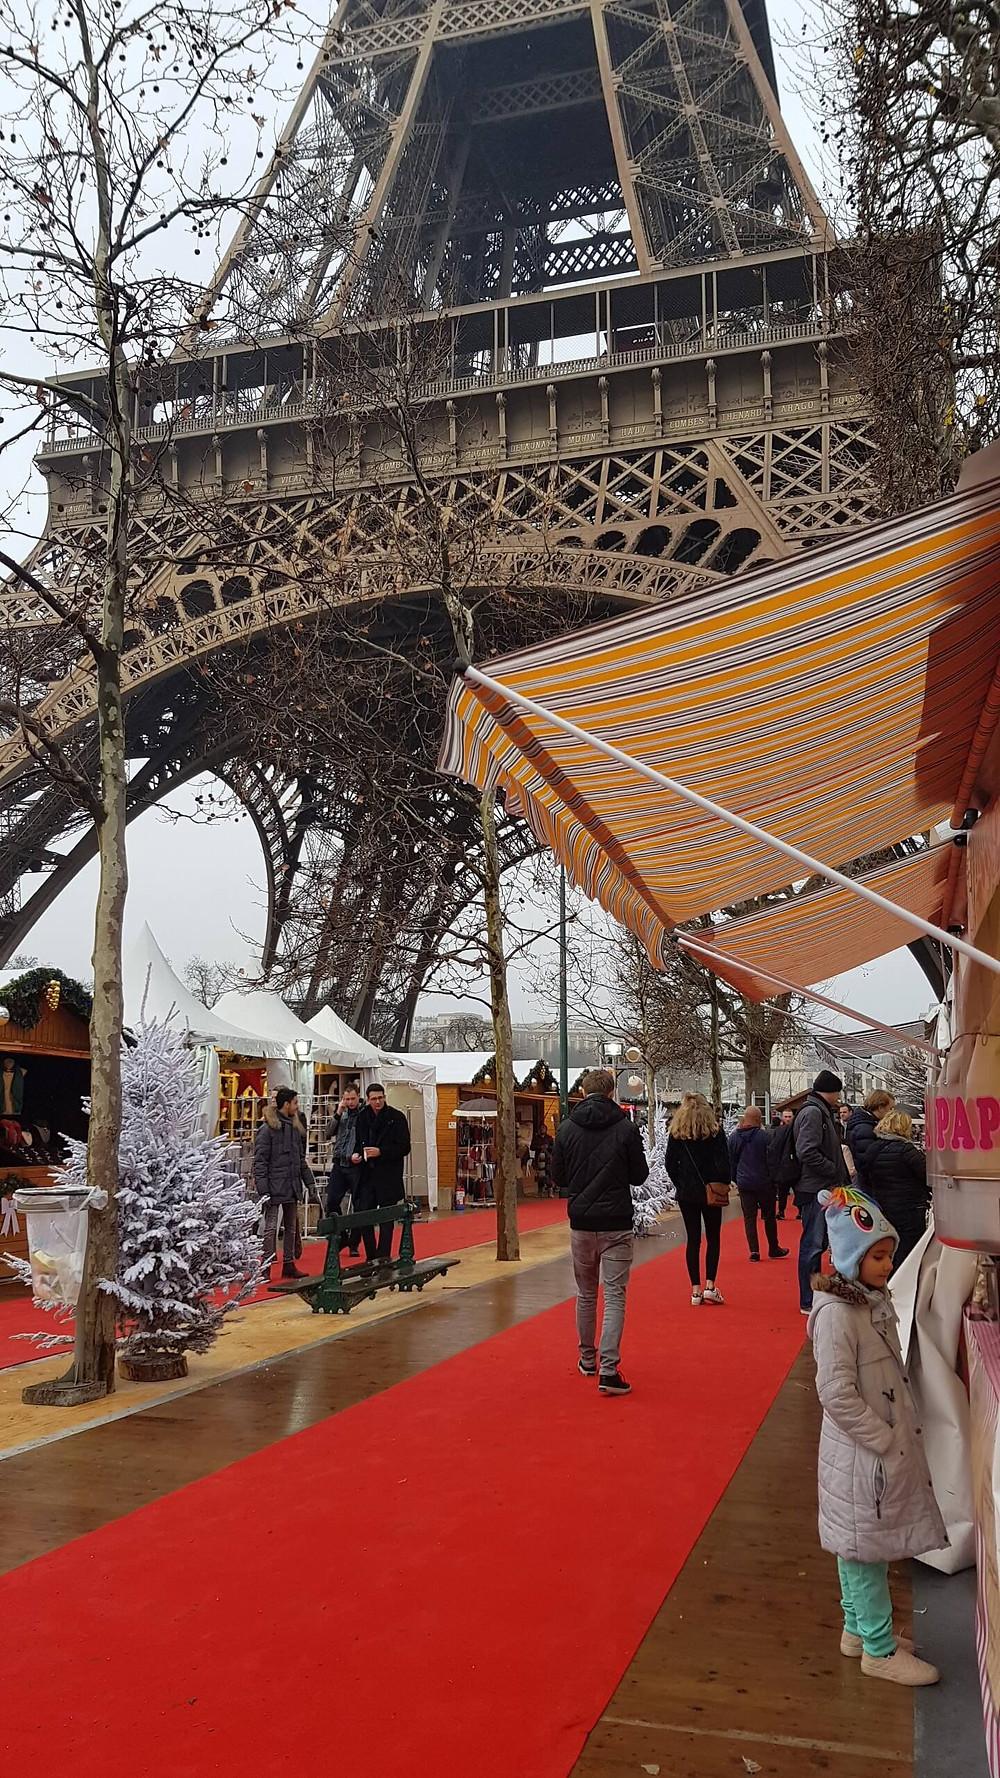 Marche de Noel do Champs de Mars